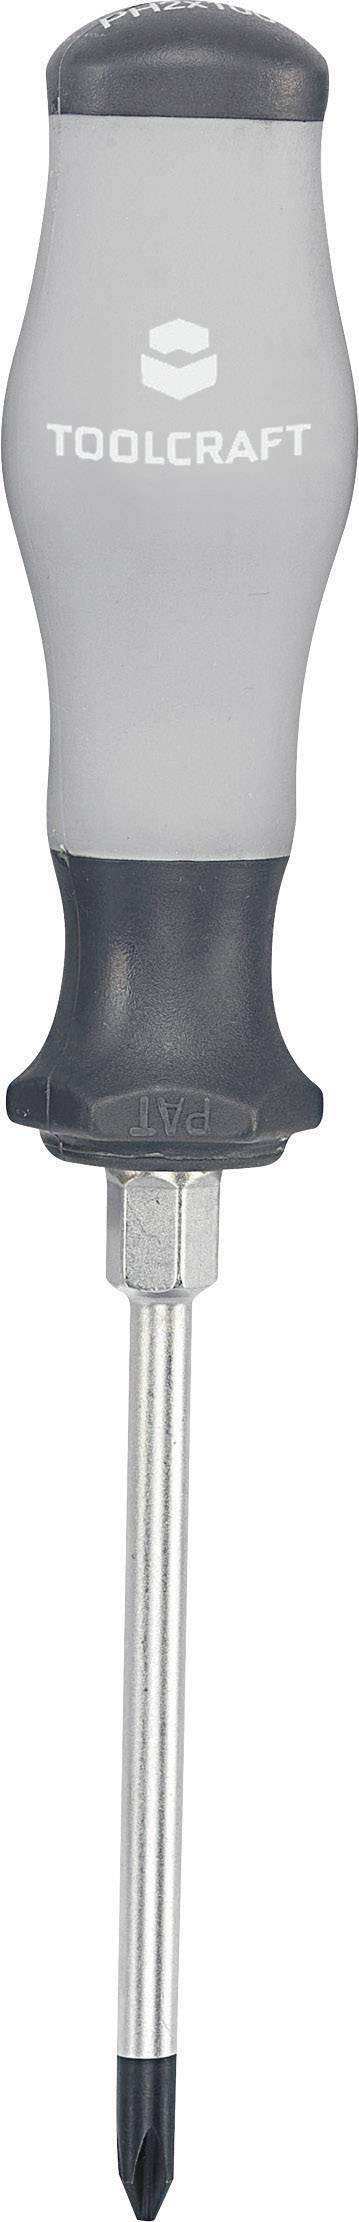 Křížový šroubovák TOOLCRAFT PH2 x 100 mm